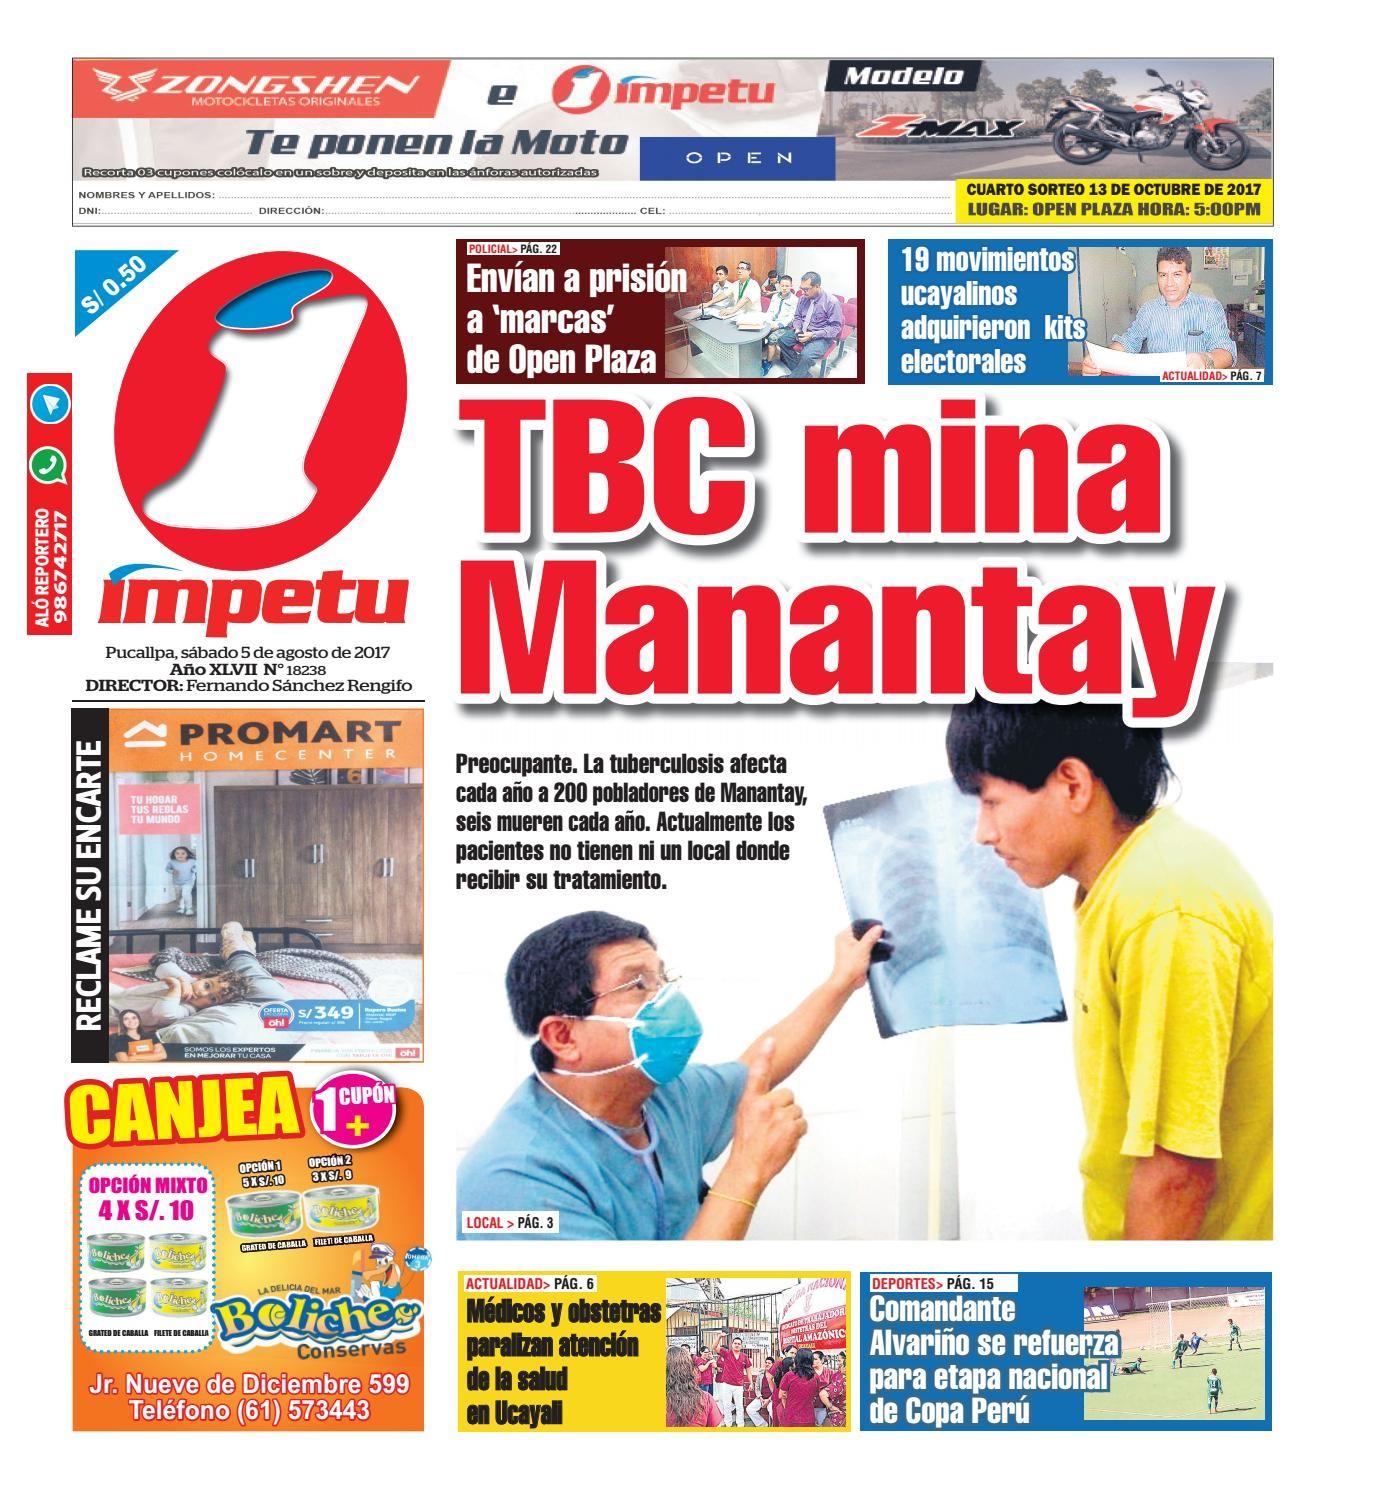 Impetu 05 de agosto de 2017 by Diario mpetu issuu